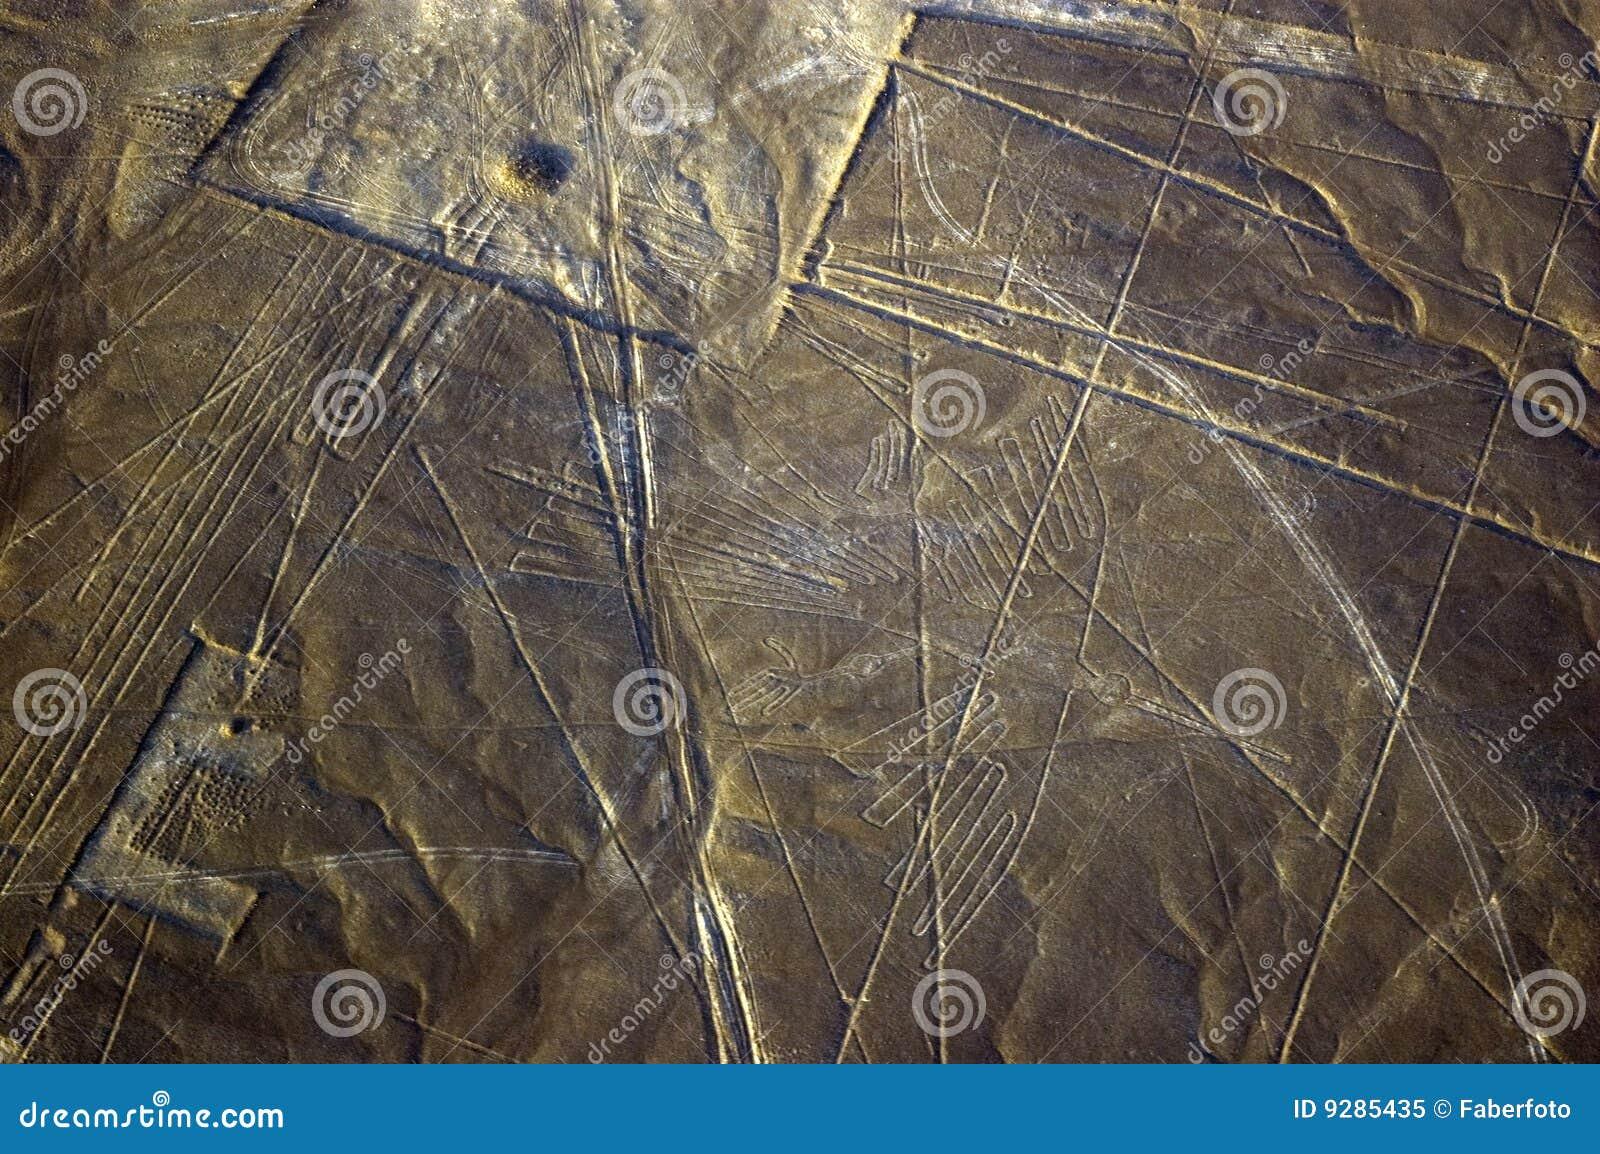 Condor, Lijnen Nazca in Peru